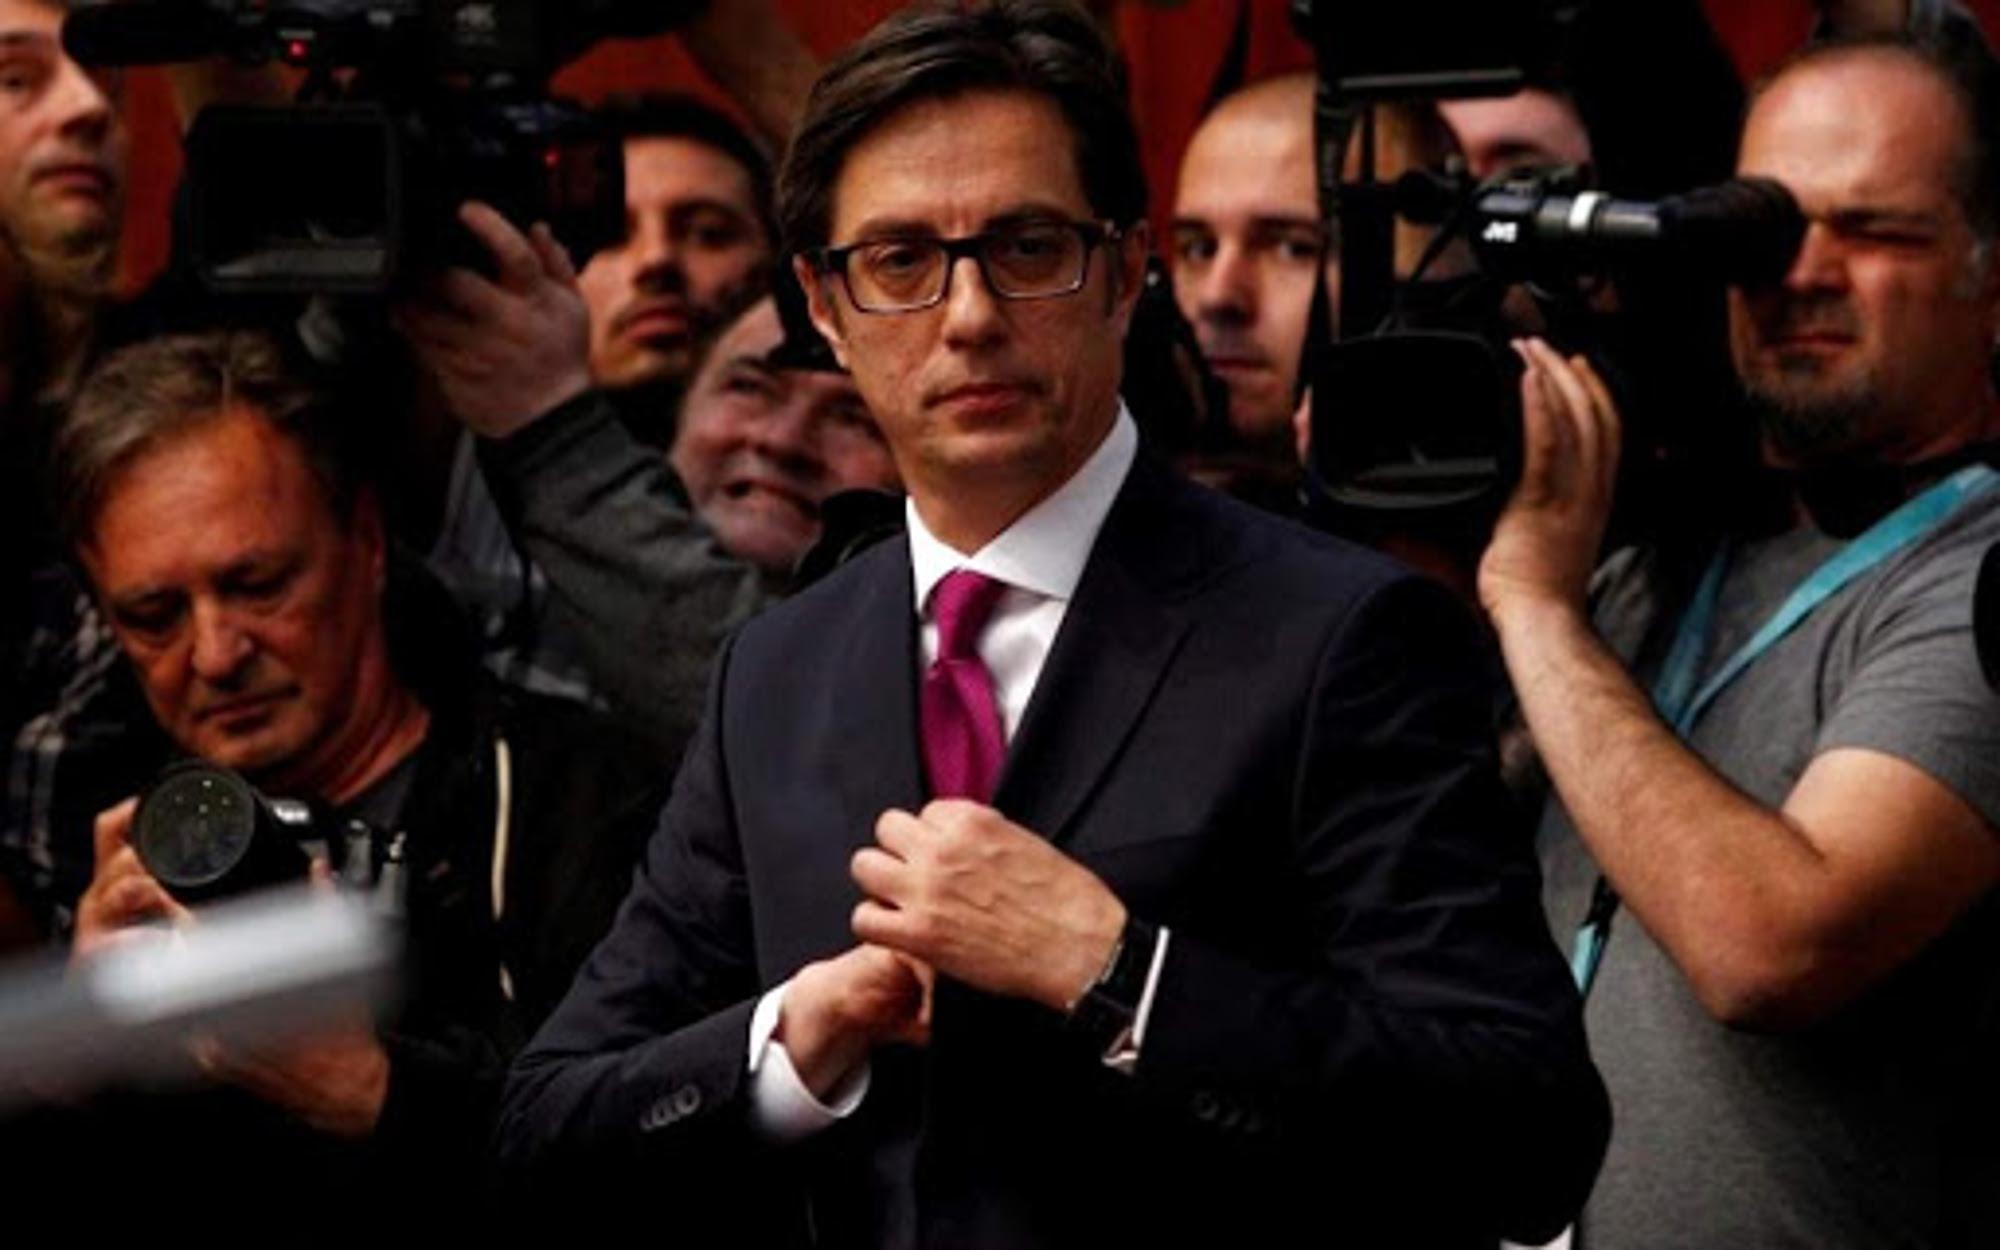 Στέβο Πενταρόφσκι: Στην Αθήνα στις 5 και 6 Οκτωβρίου ο πρόεδρος της Βόρειας Μακεδονίας